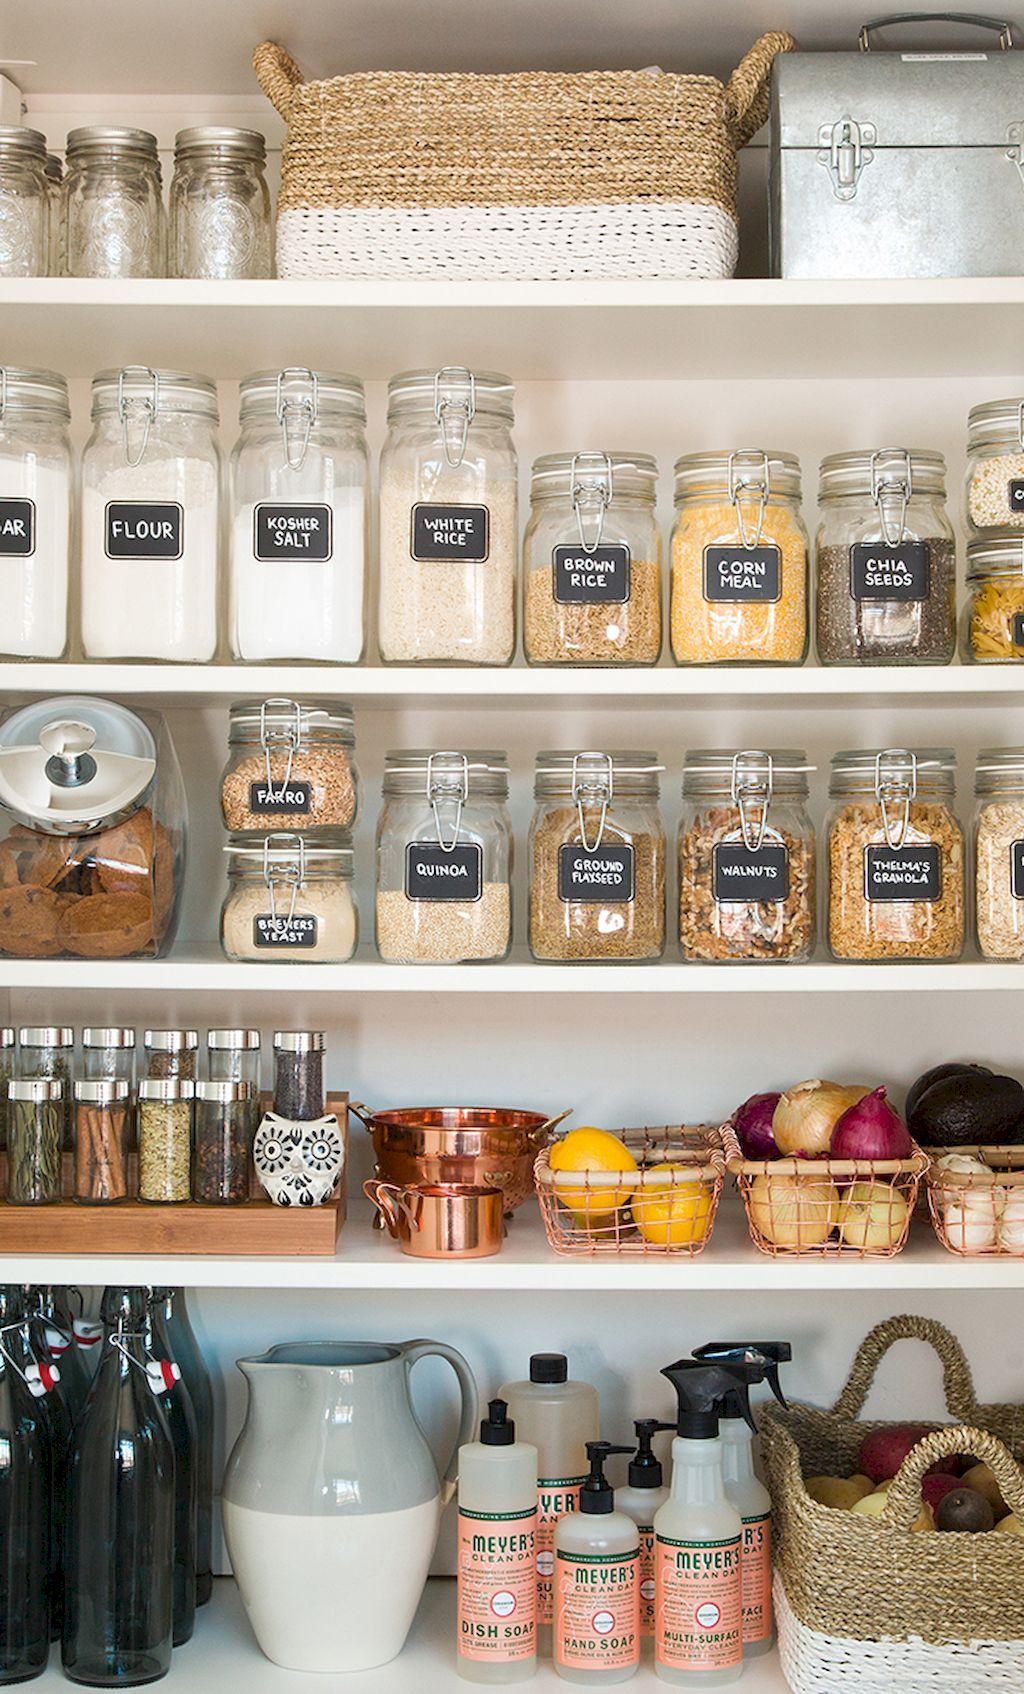 60 Clever & Clean Kitchen Storage Organization Ideas